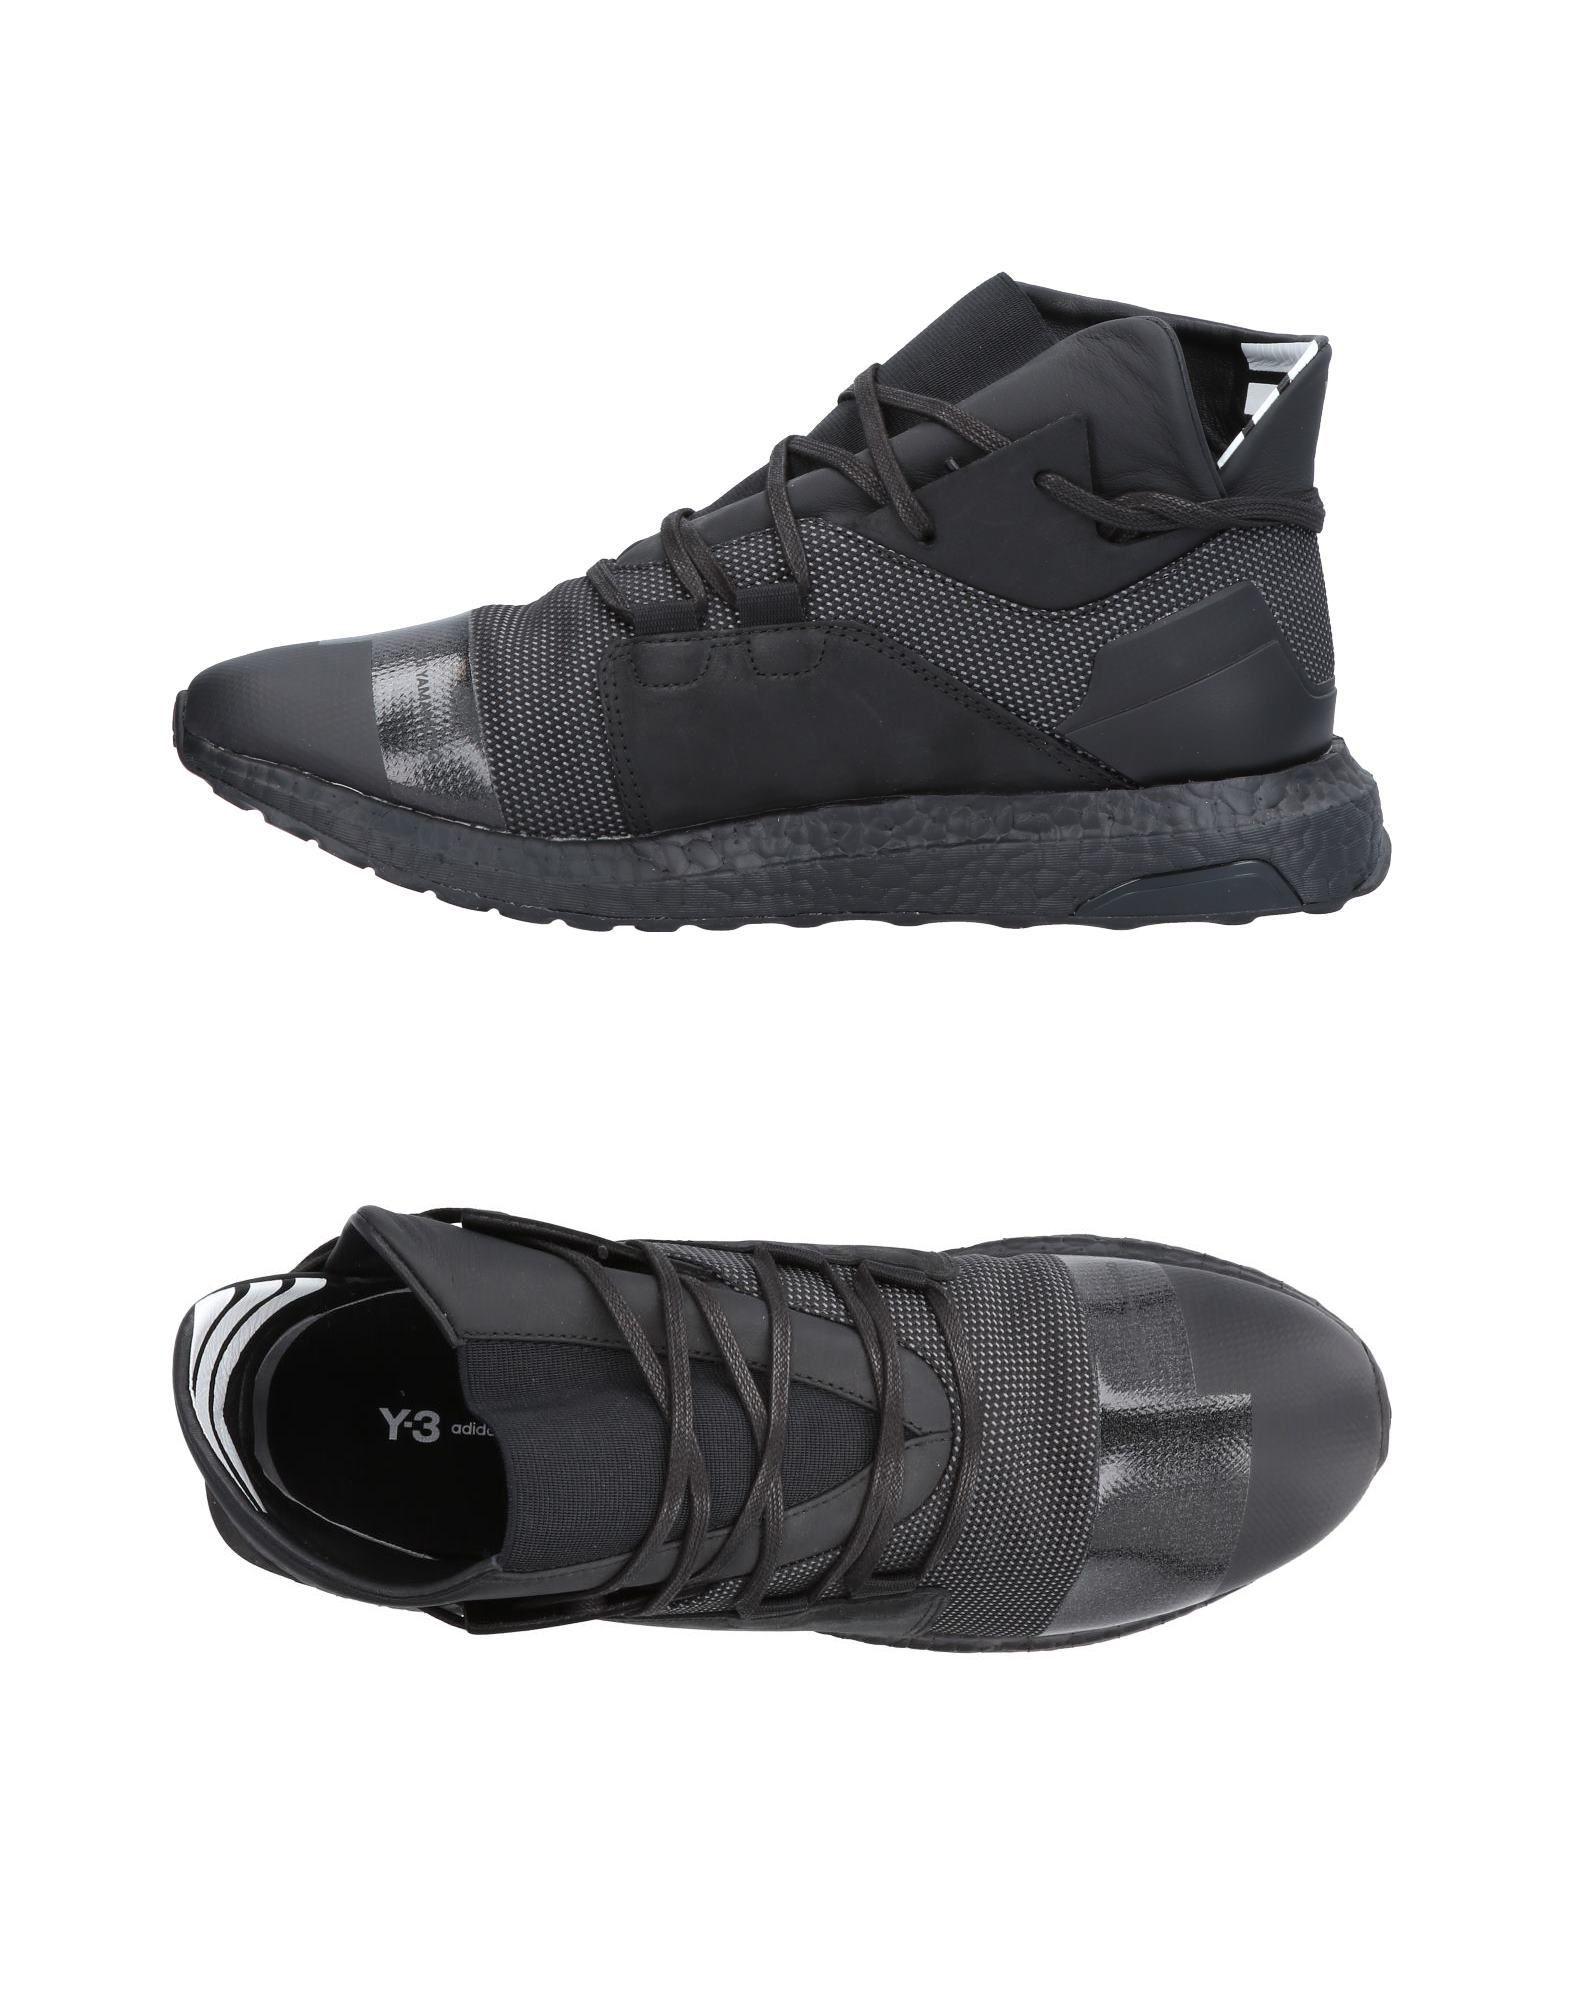 Zapatillas Y-3 Y-3 Zapatillas Hombre - Zapatillas Y-3  Negro 0c32b8